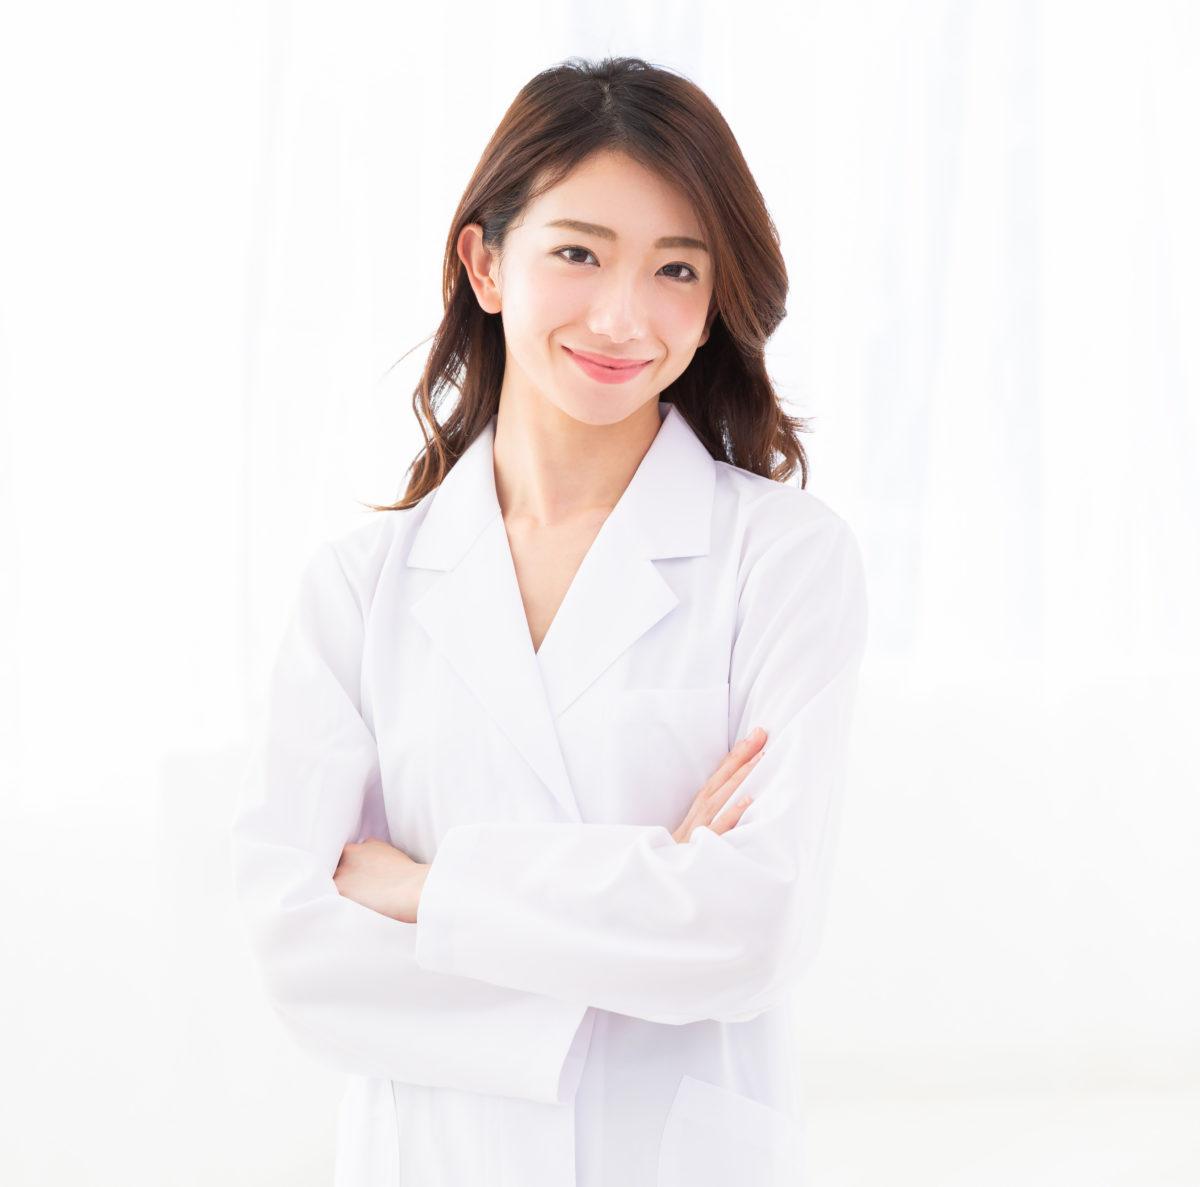 インナーウェア-コンサルタント岩田さん